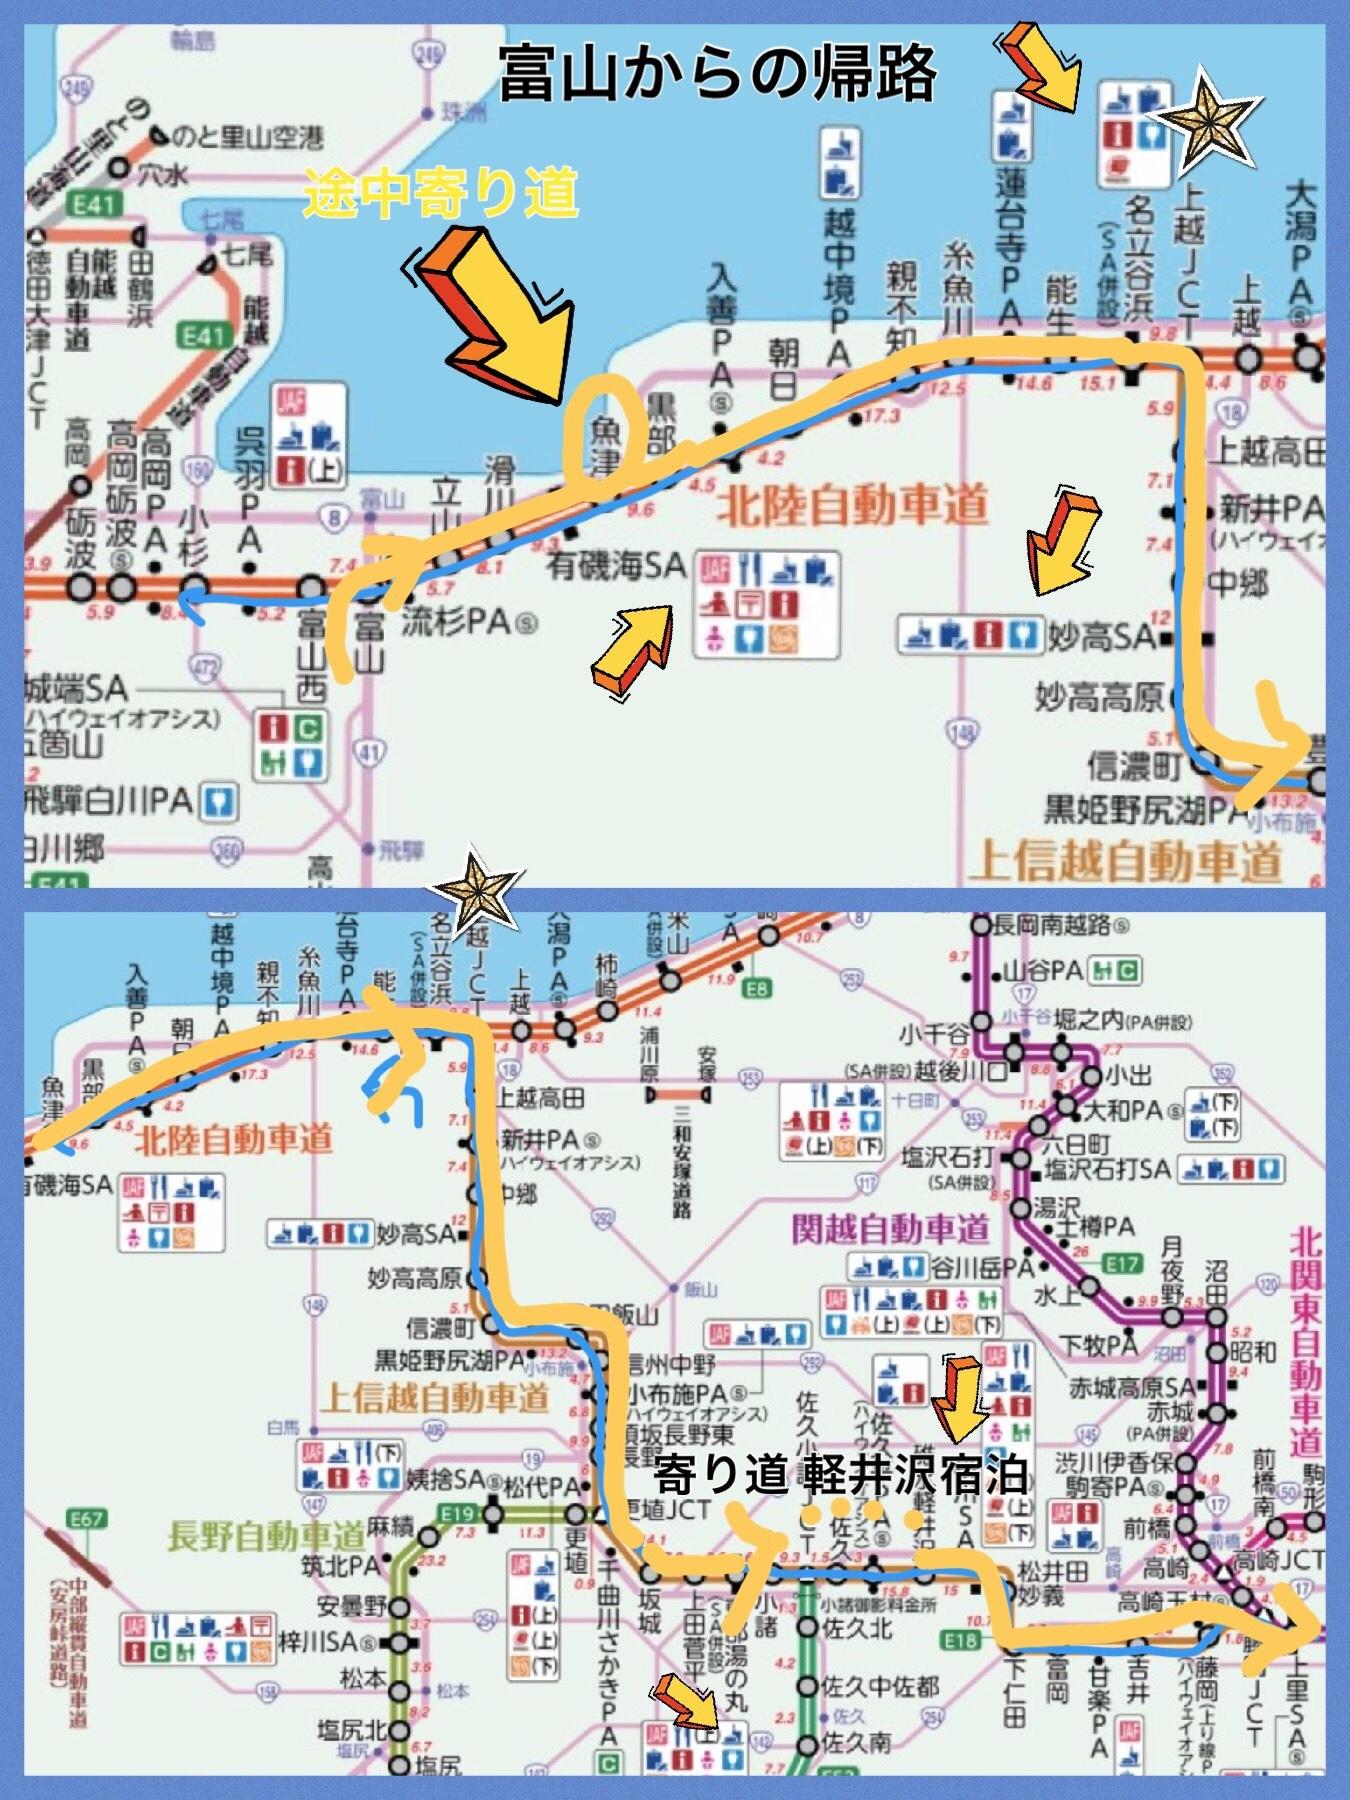 軽井沢 富山ドライブ旅行 北陸自動車道 信越自動車道